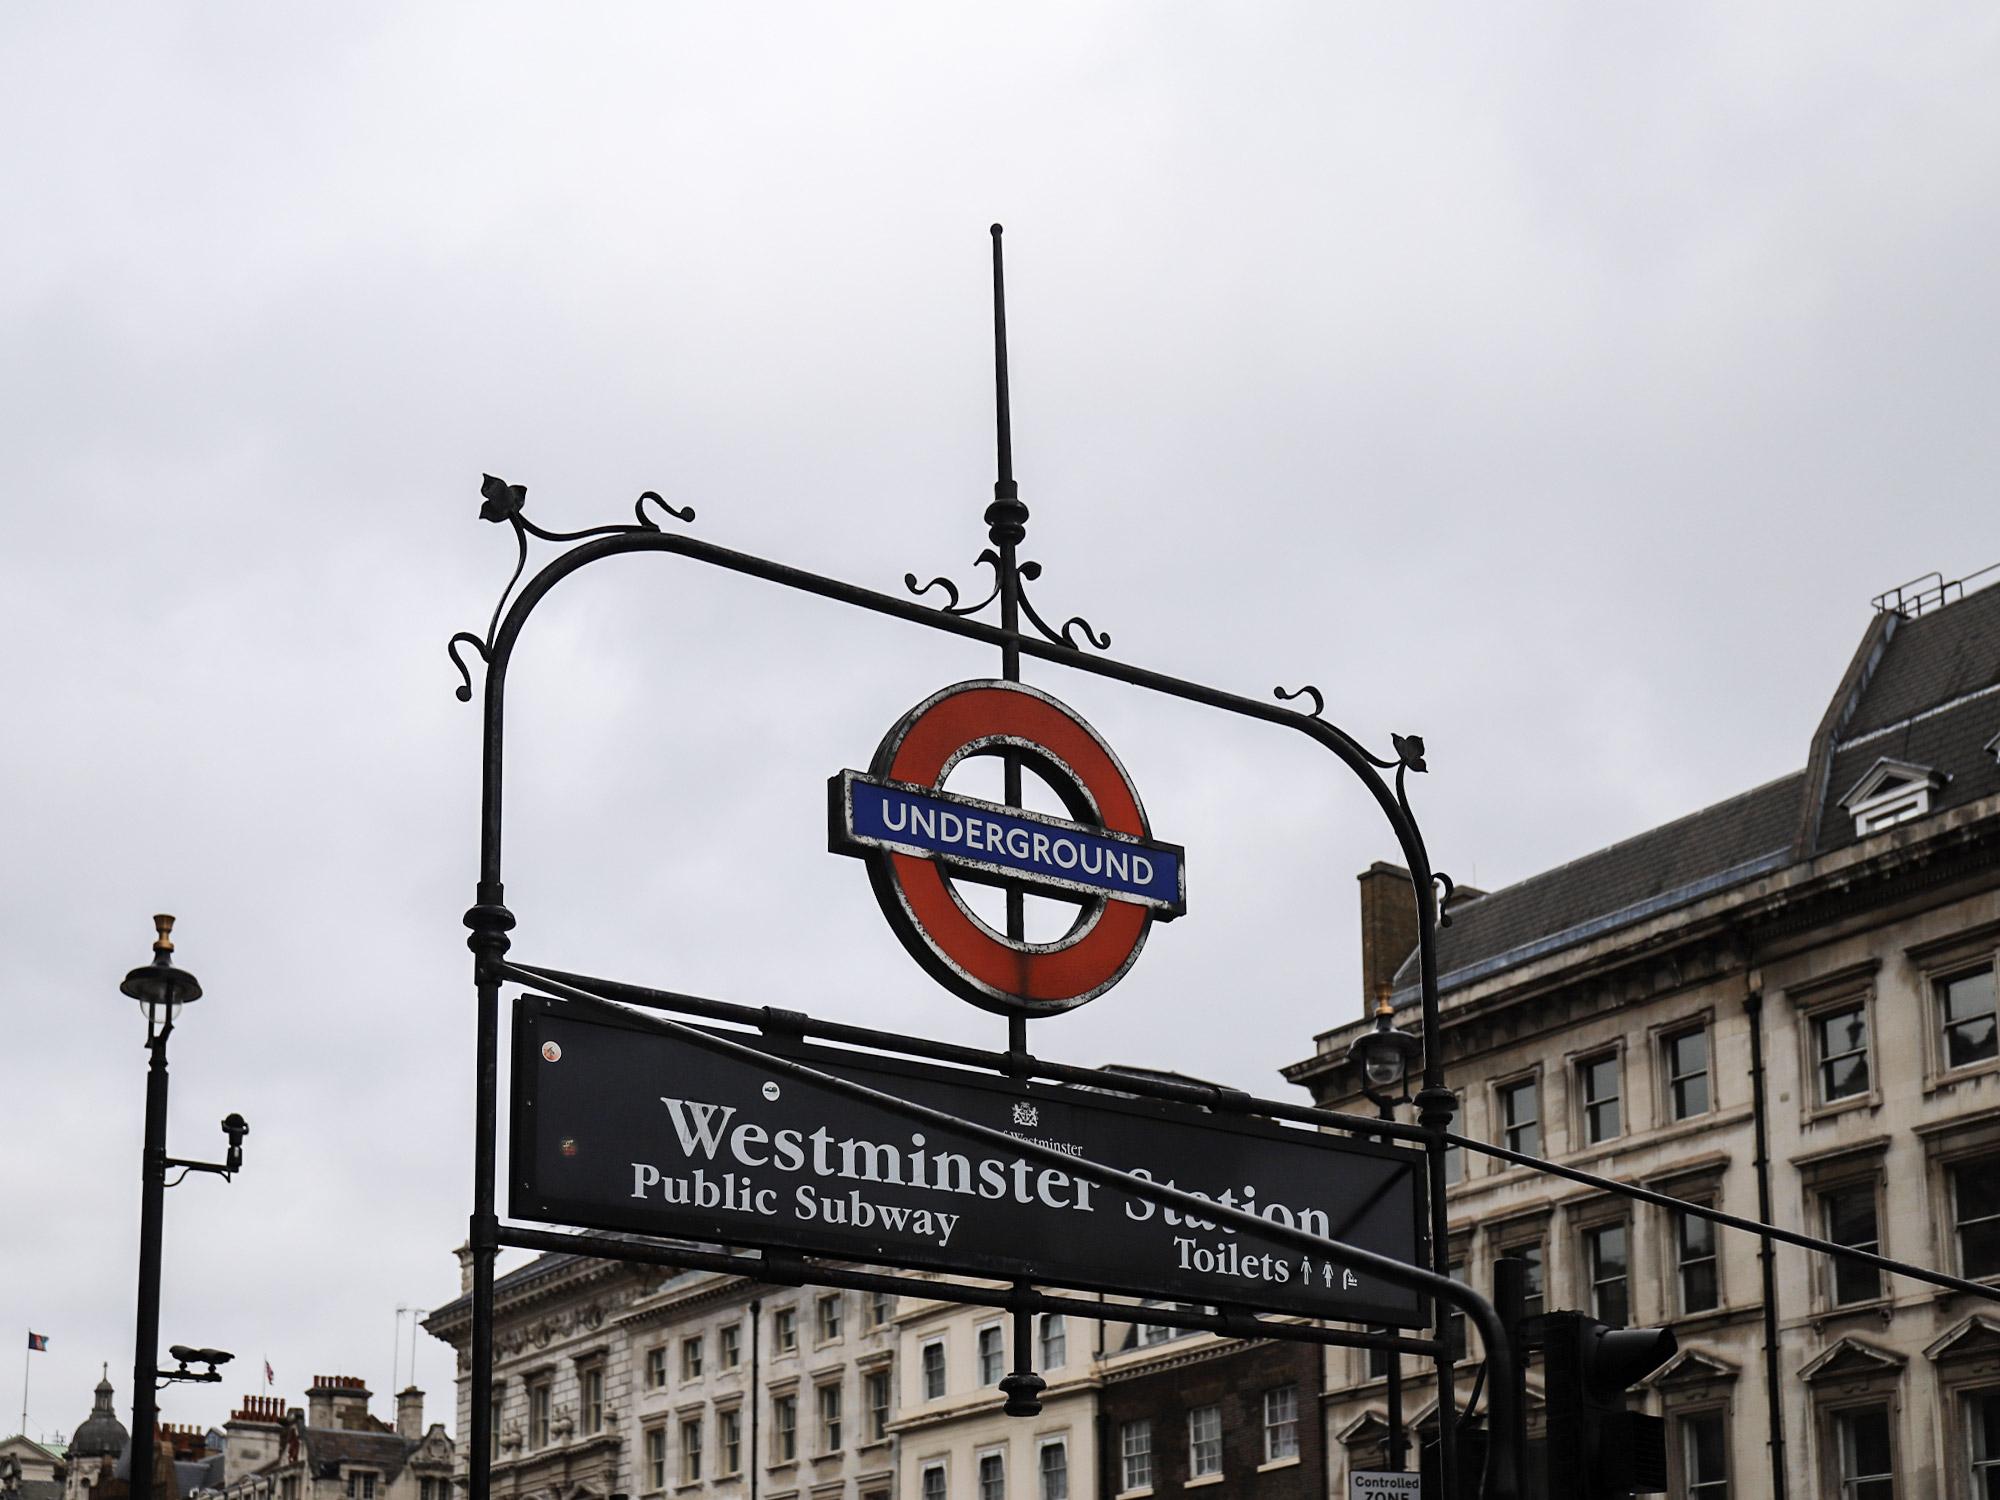 倫敦泰晤士河南岸-westminster station